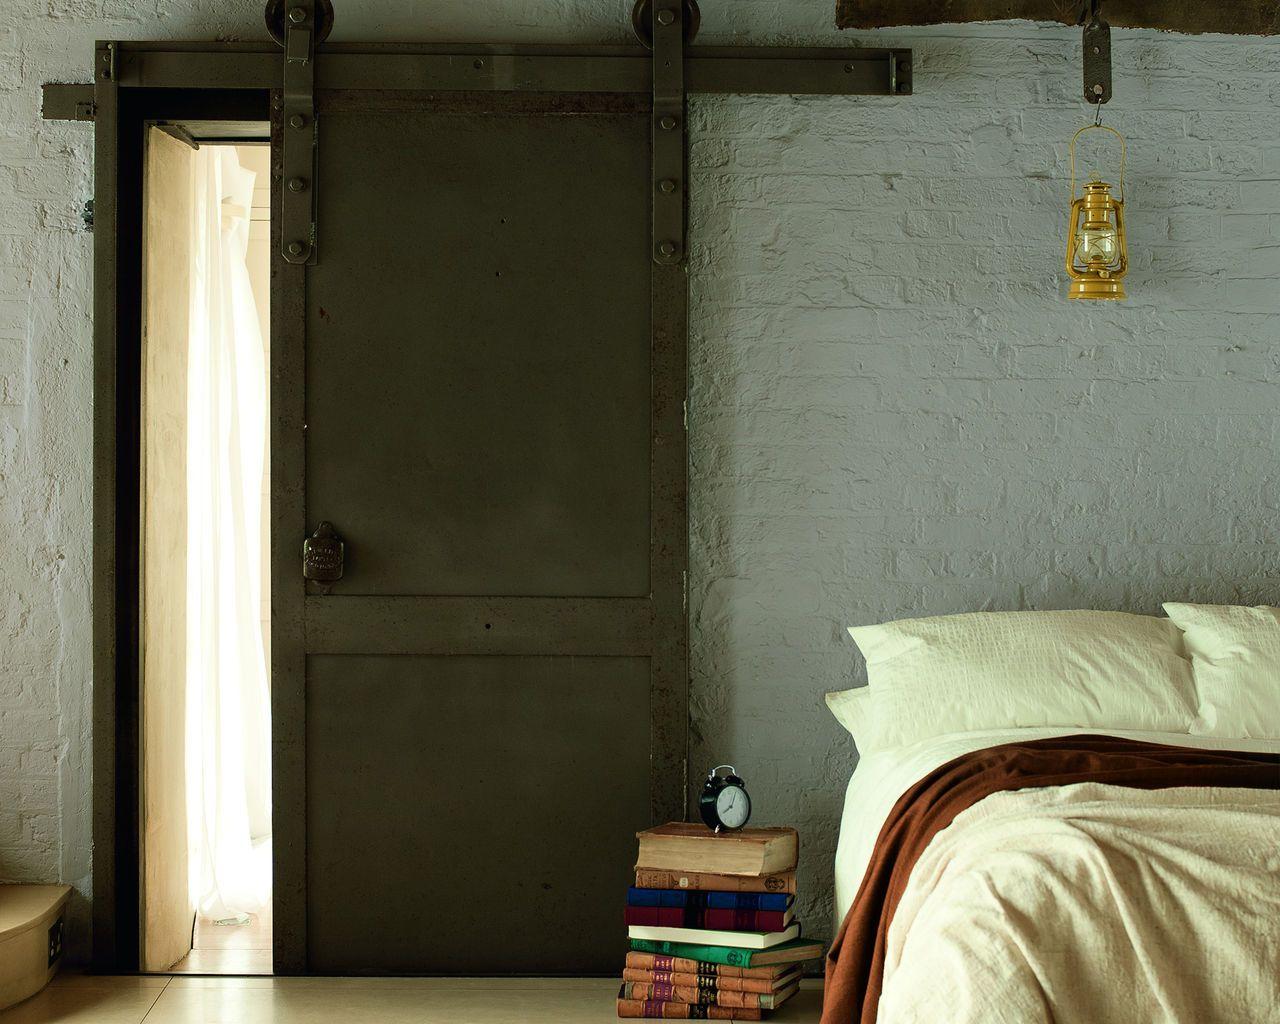 Déco pour une chambre grise apaisante | Chambre calme, Sol en pierre ...